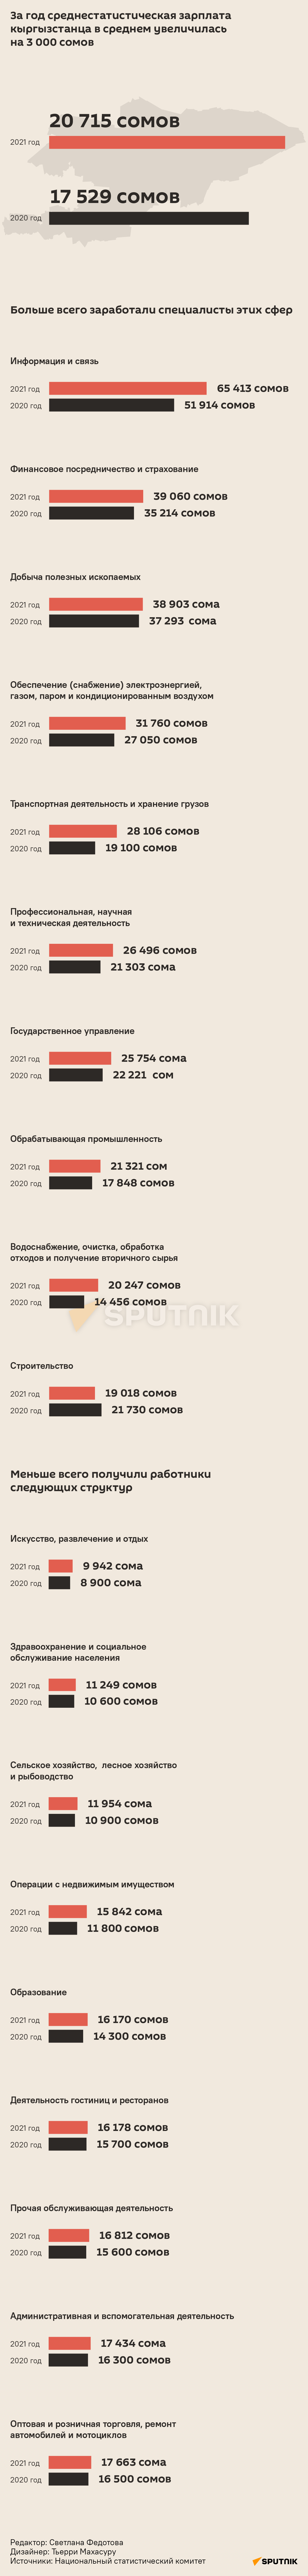 Среднестатистическая зарплата кыргызстанца 2021